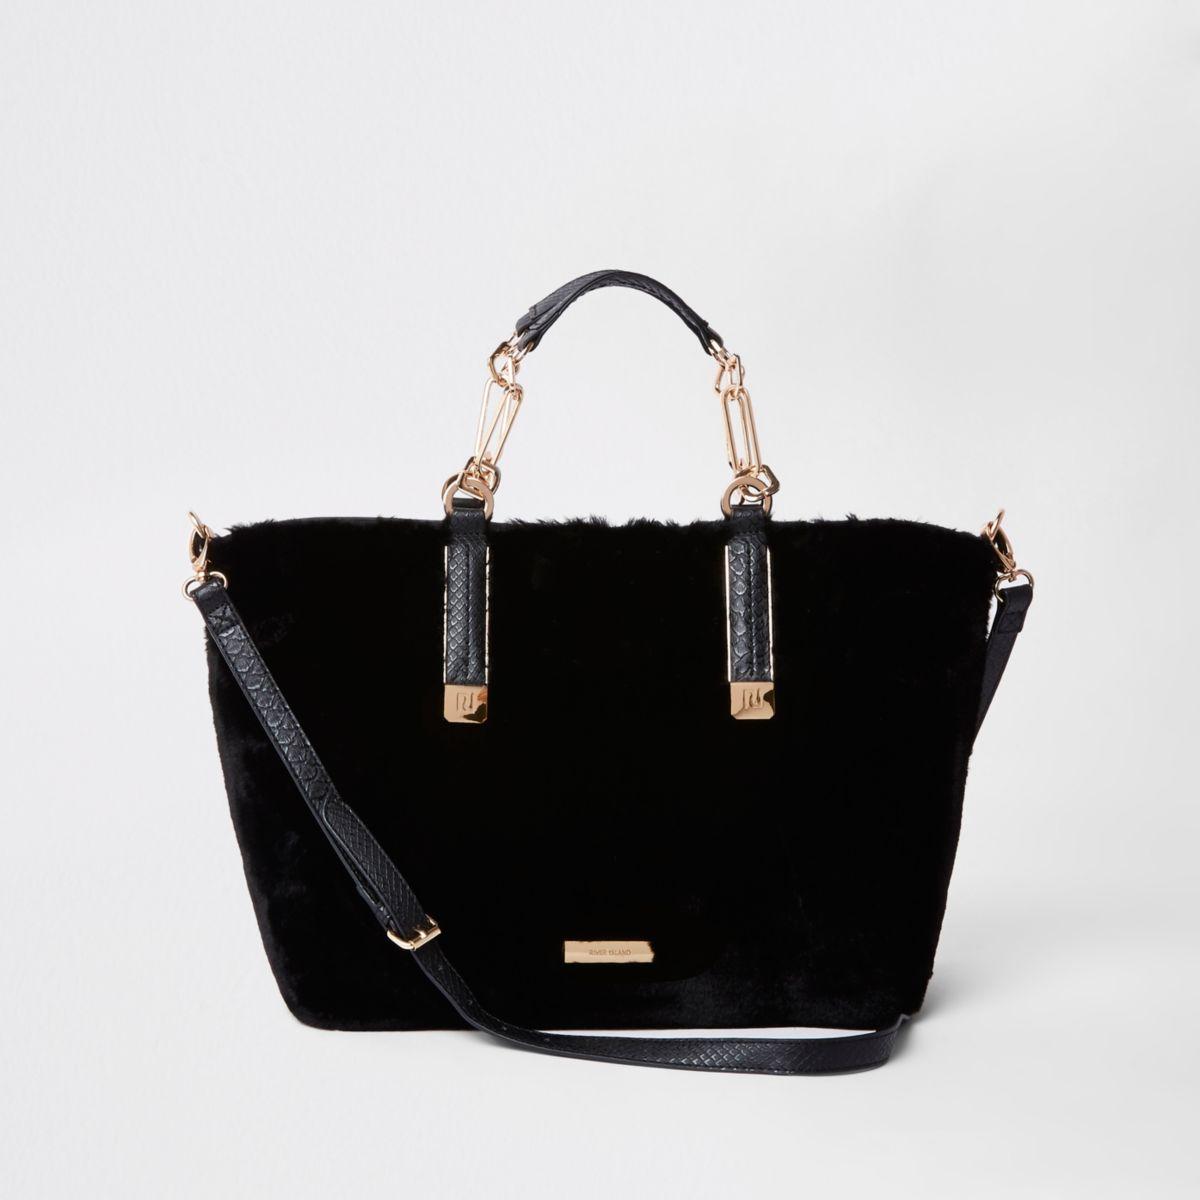 Zwarte handtas met zij-inzetten en imitatiebont